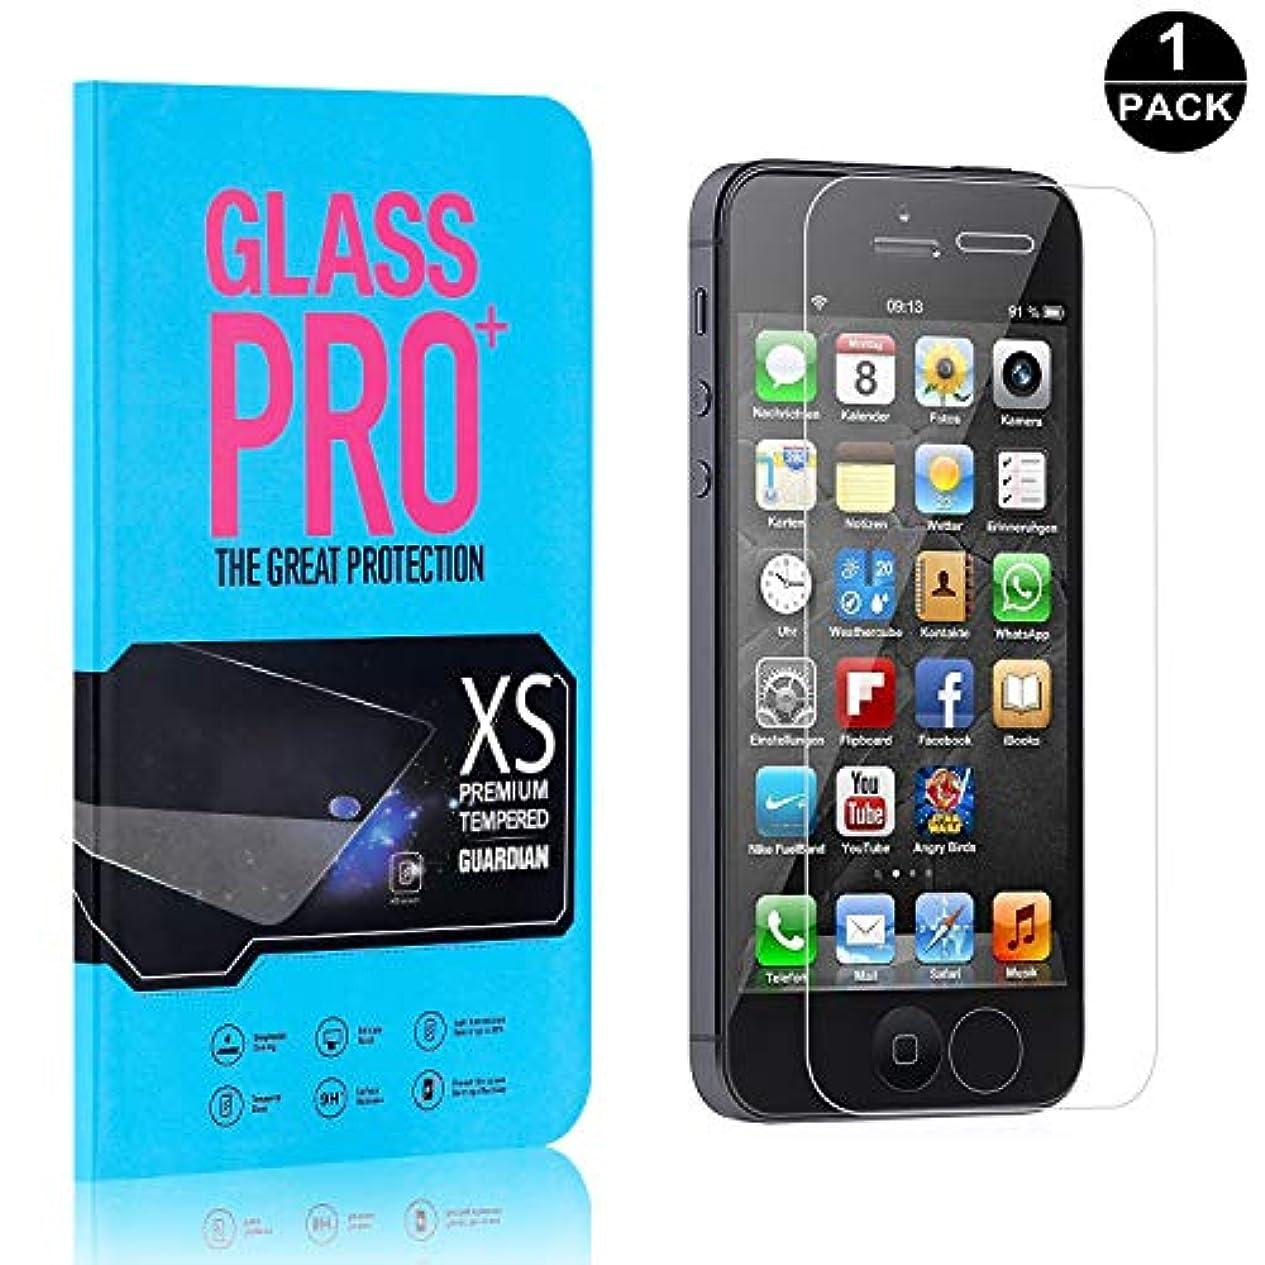 目指すセラフ知っているに立ち寄る【1枚セット】 iPhone 5C 超薄 フィルム CUNUS Apple iPhone 5C 専用設計 強化ガラスフィルム 高透明度で 気泡防止 飛散防止 硬度9H 耐衝撃 超薄0.26mm 液晶保護フィルム